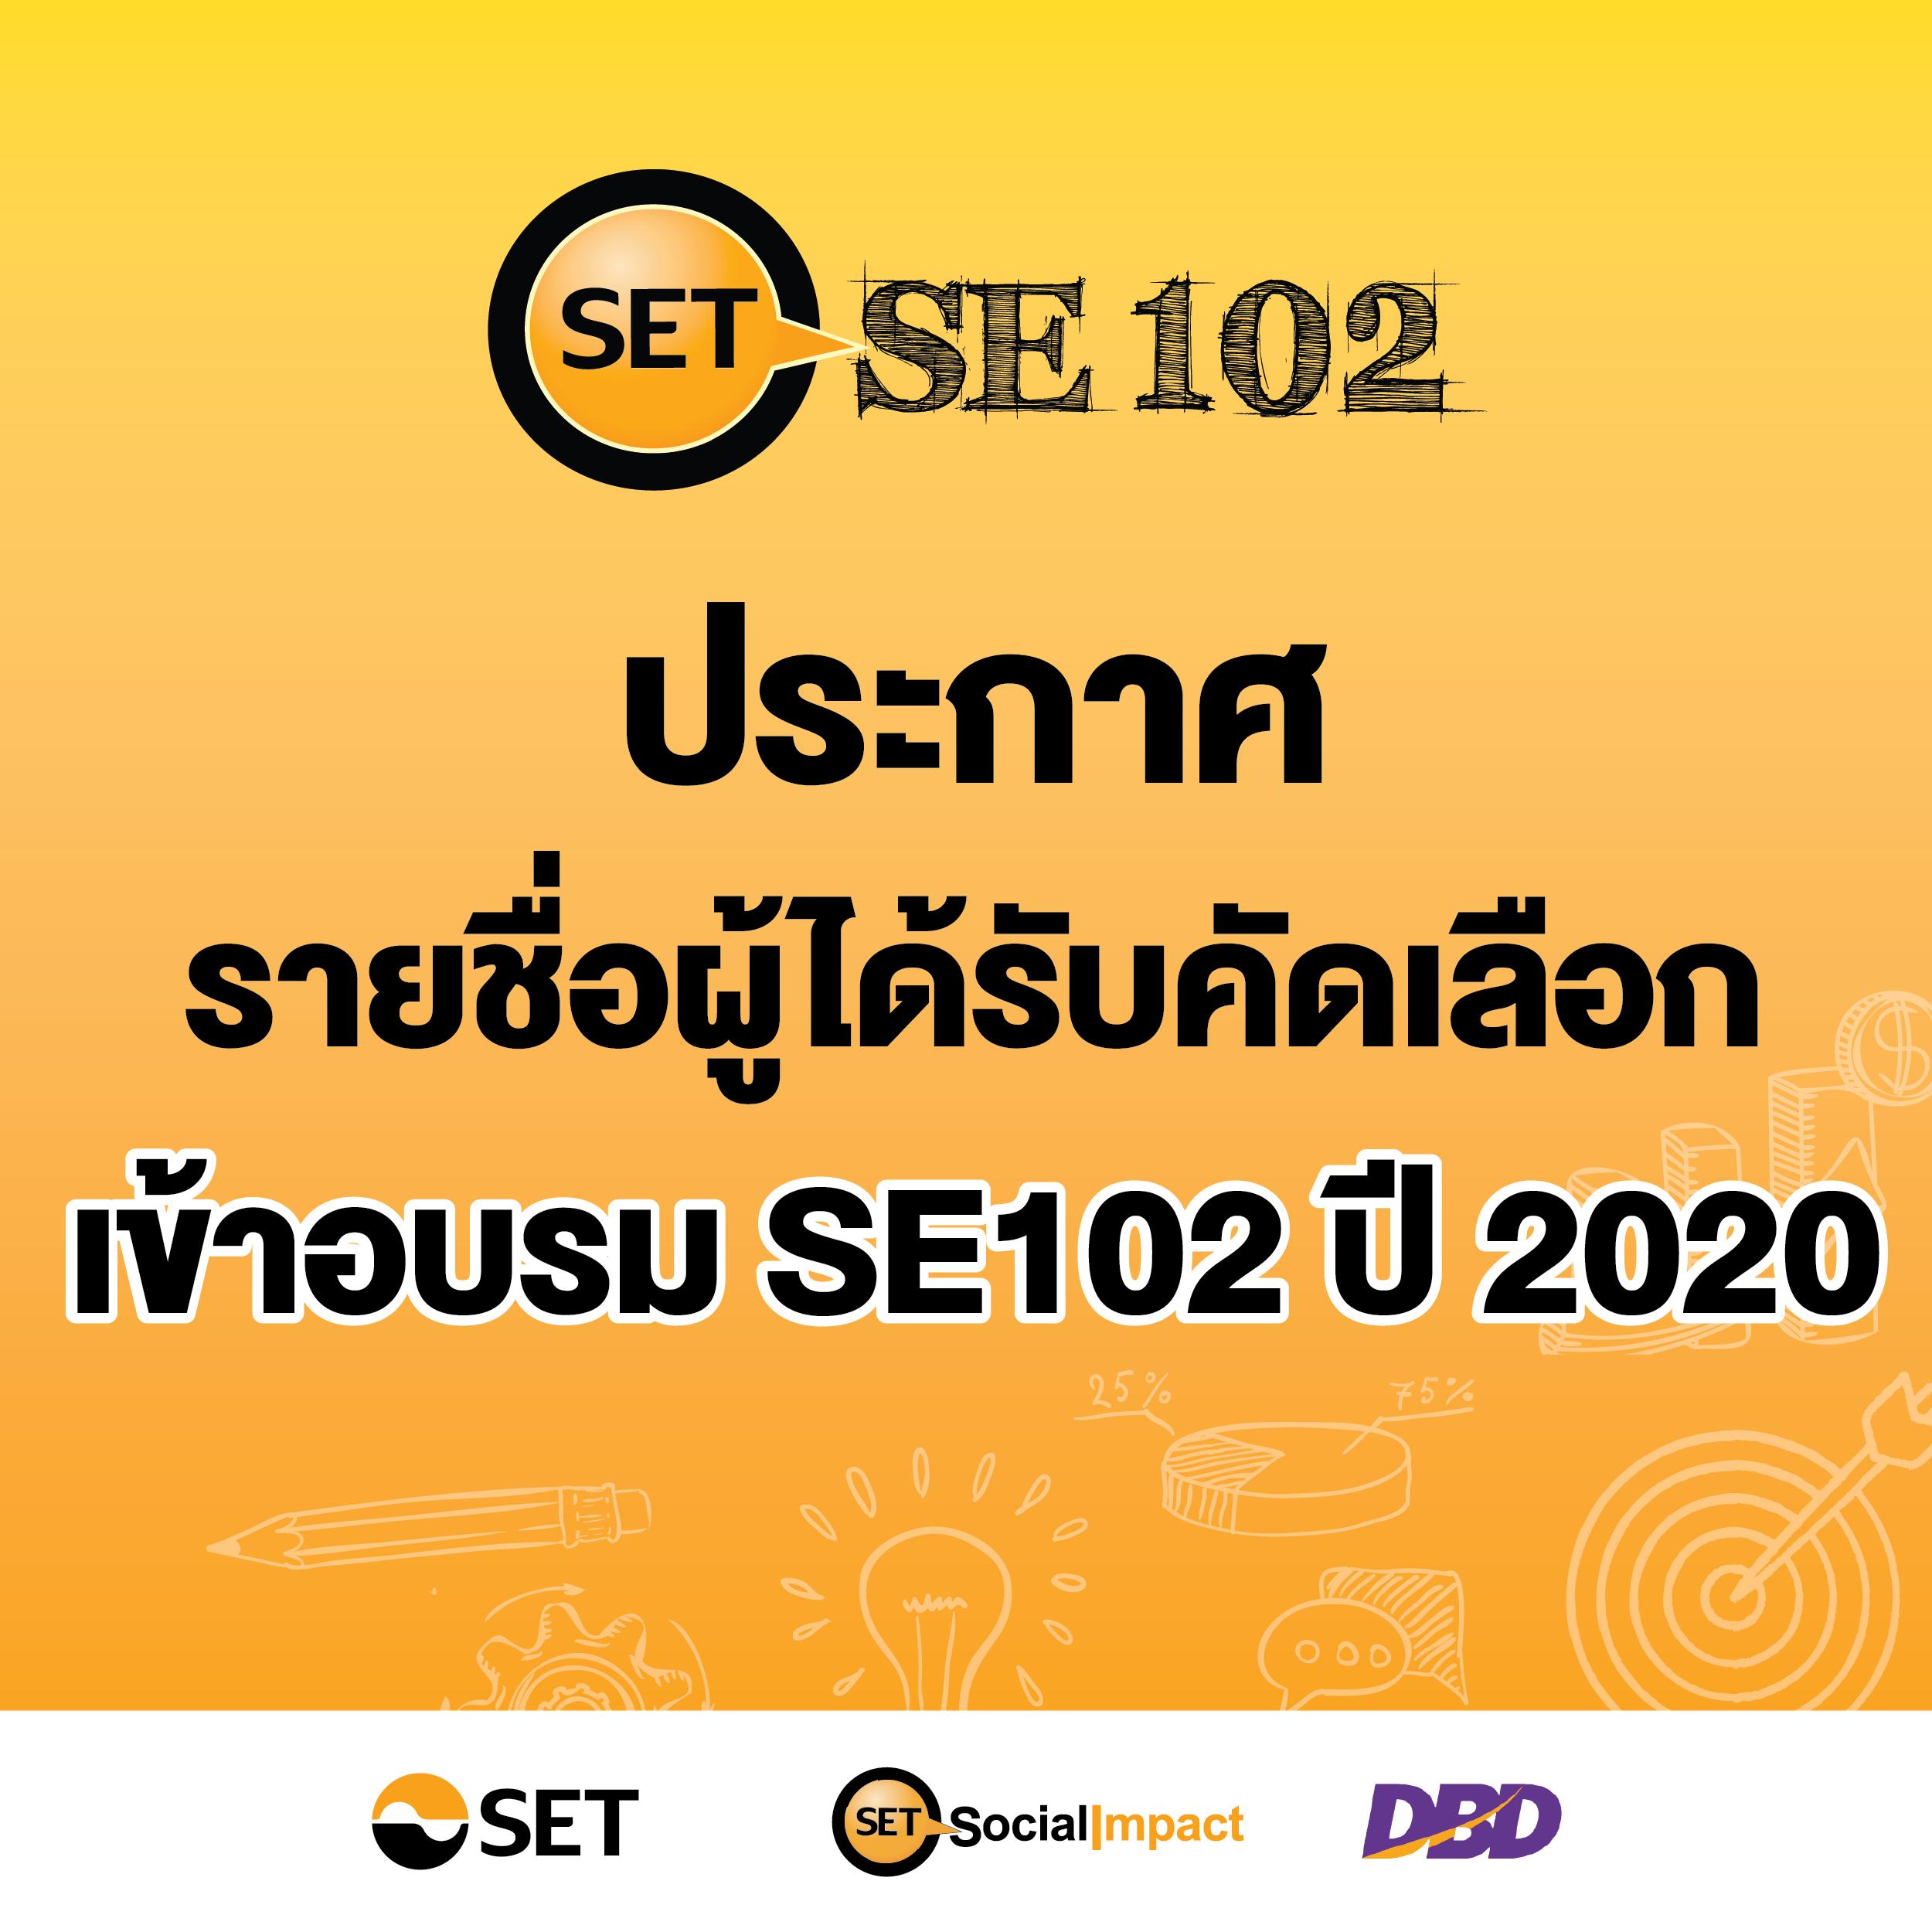 ประกาศรายชื่อผู้ผ่านการคัดเลือก SET SE102 ปี2020